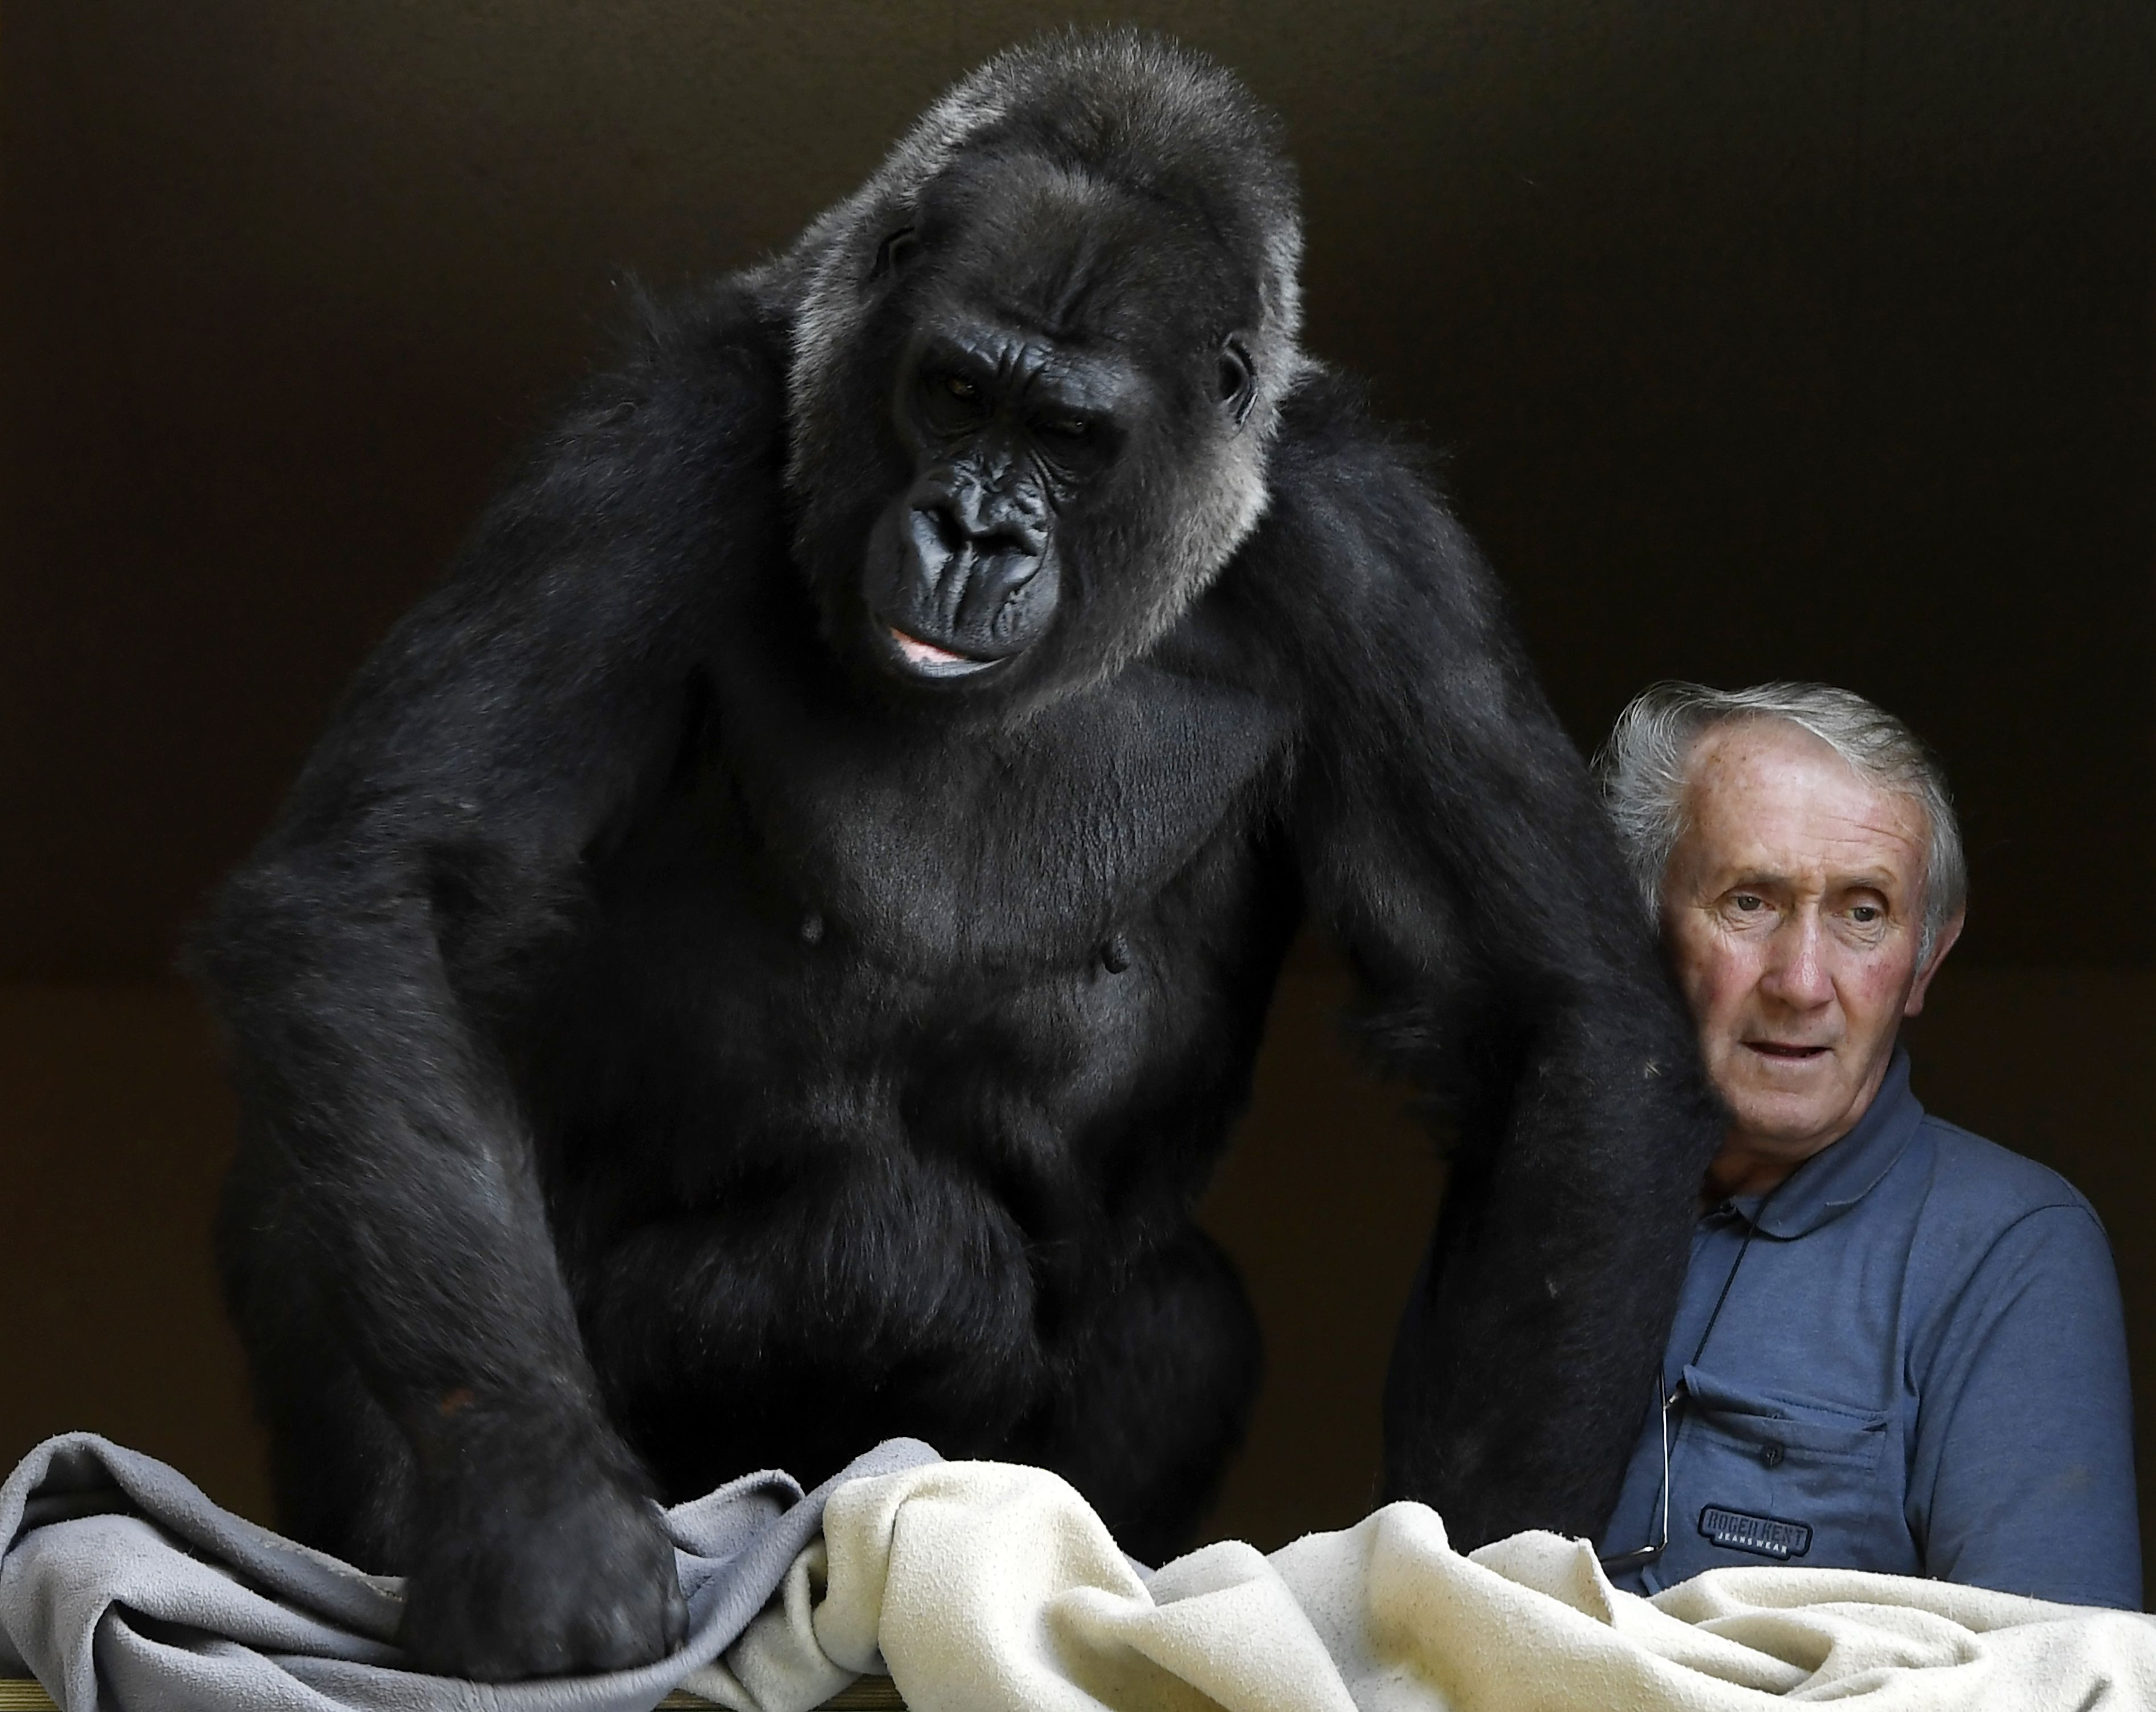 Frans stel leeft jarenlang samen met gorilla